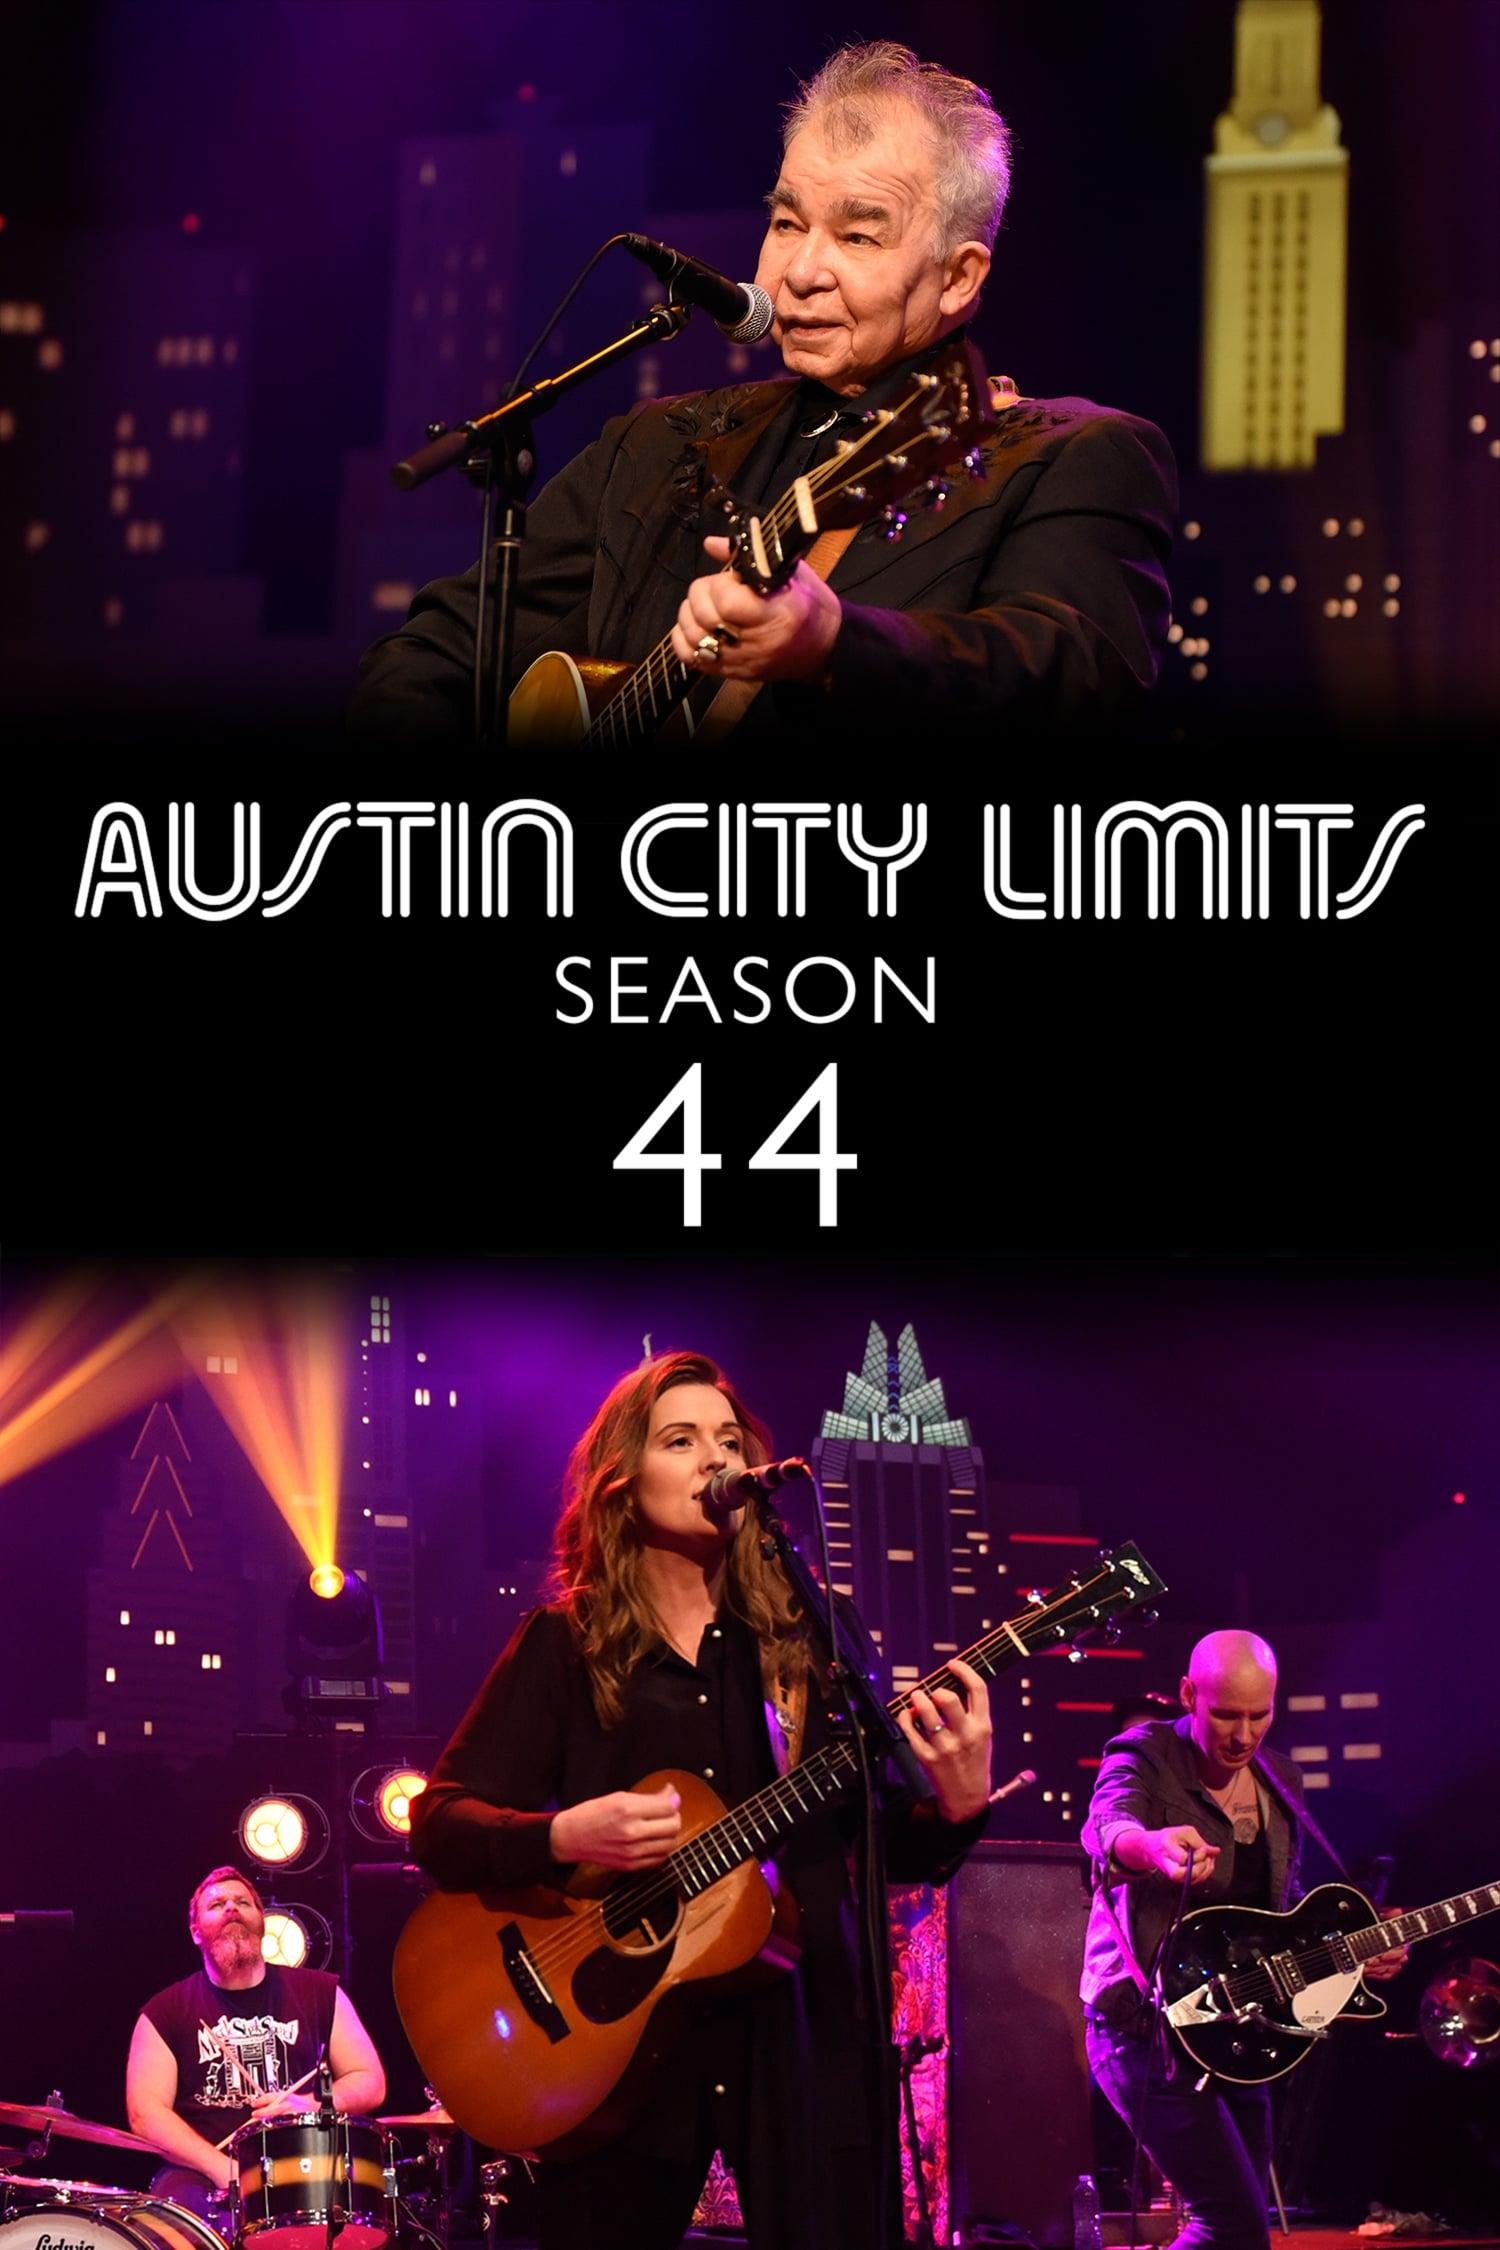 Austin City Limits Season 44